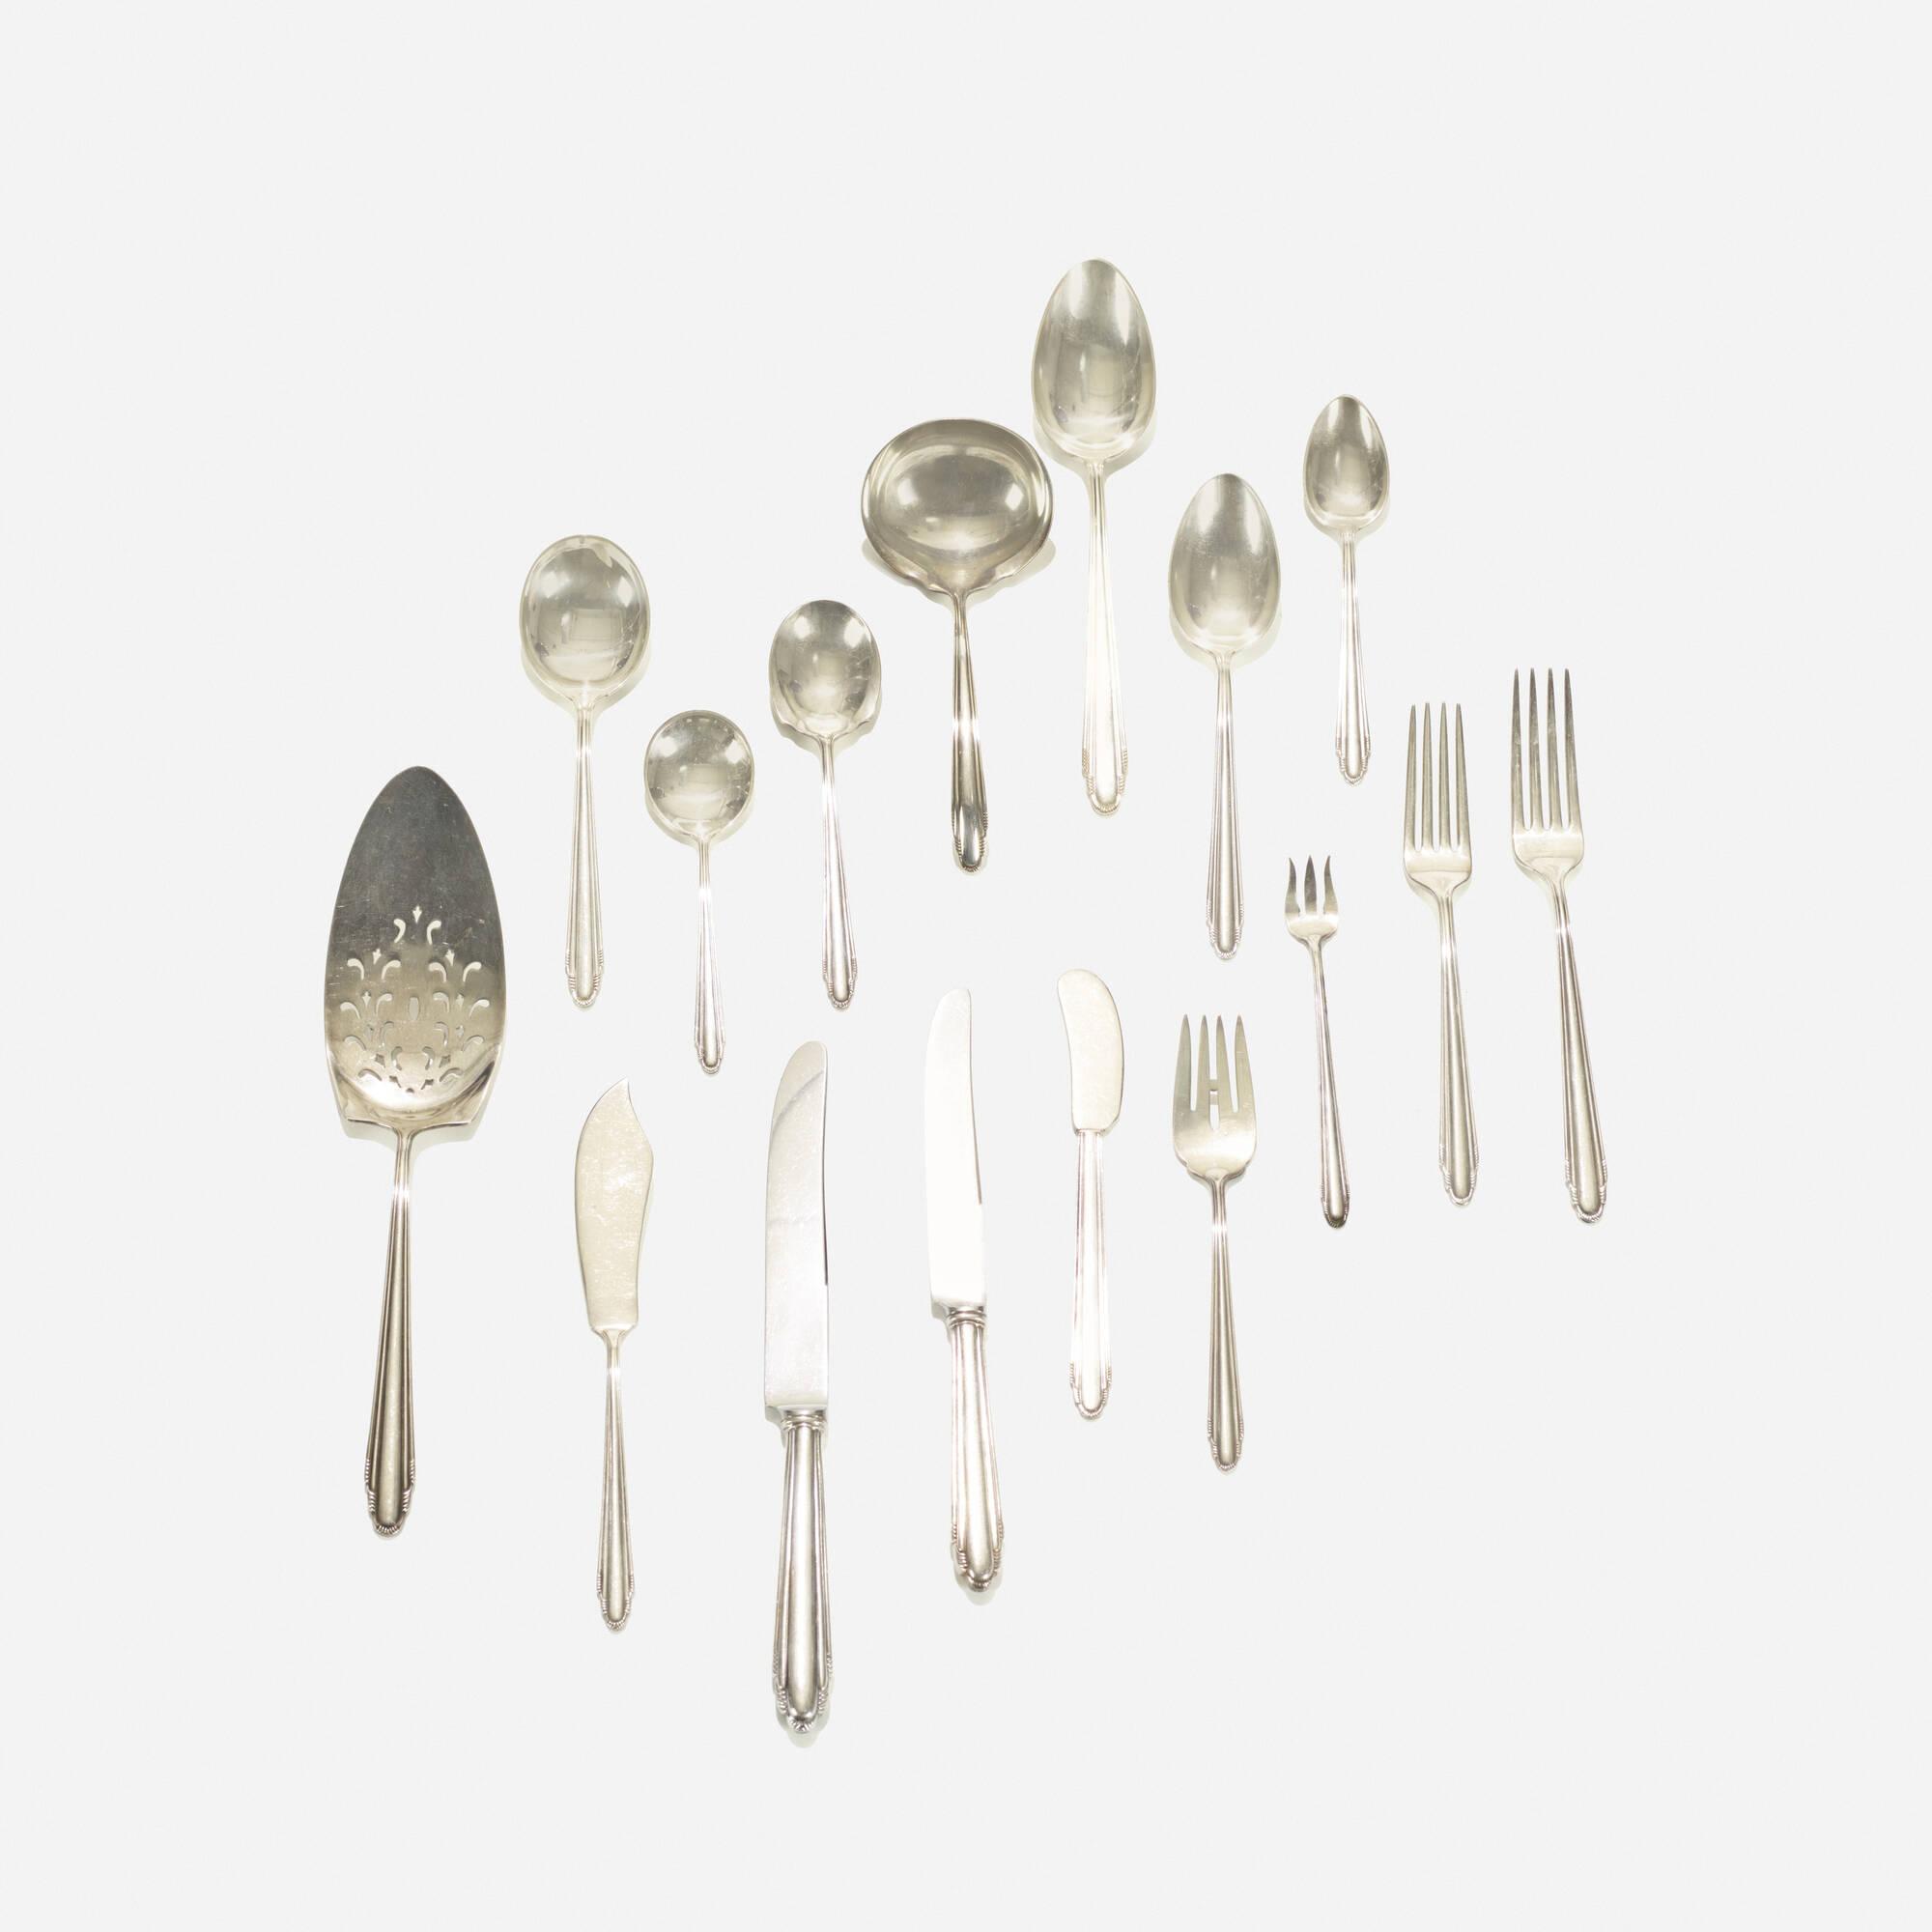 176: Eliel Saarinen / Candide flatware (1 of 3)